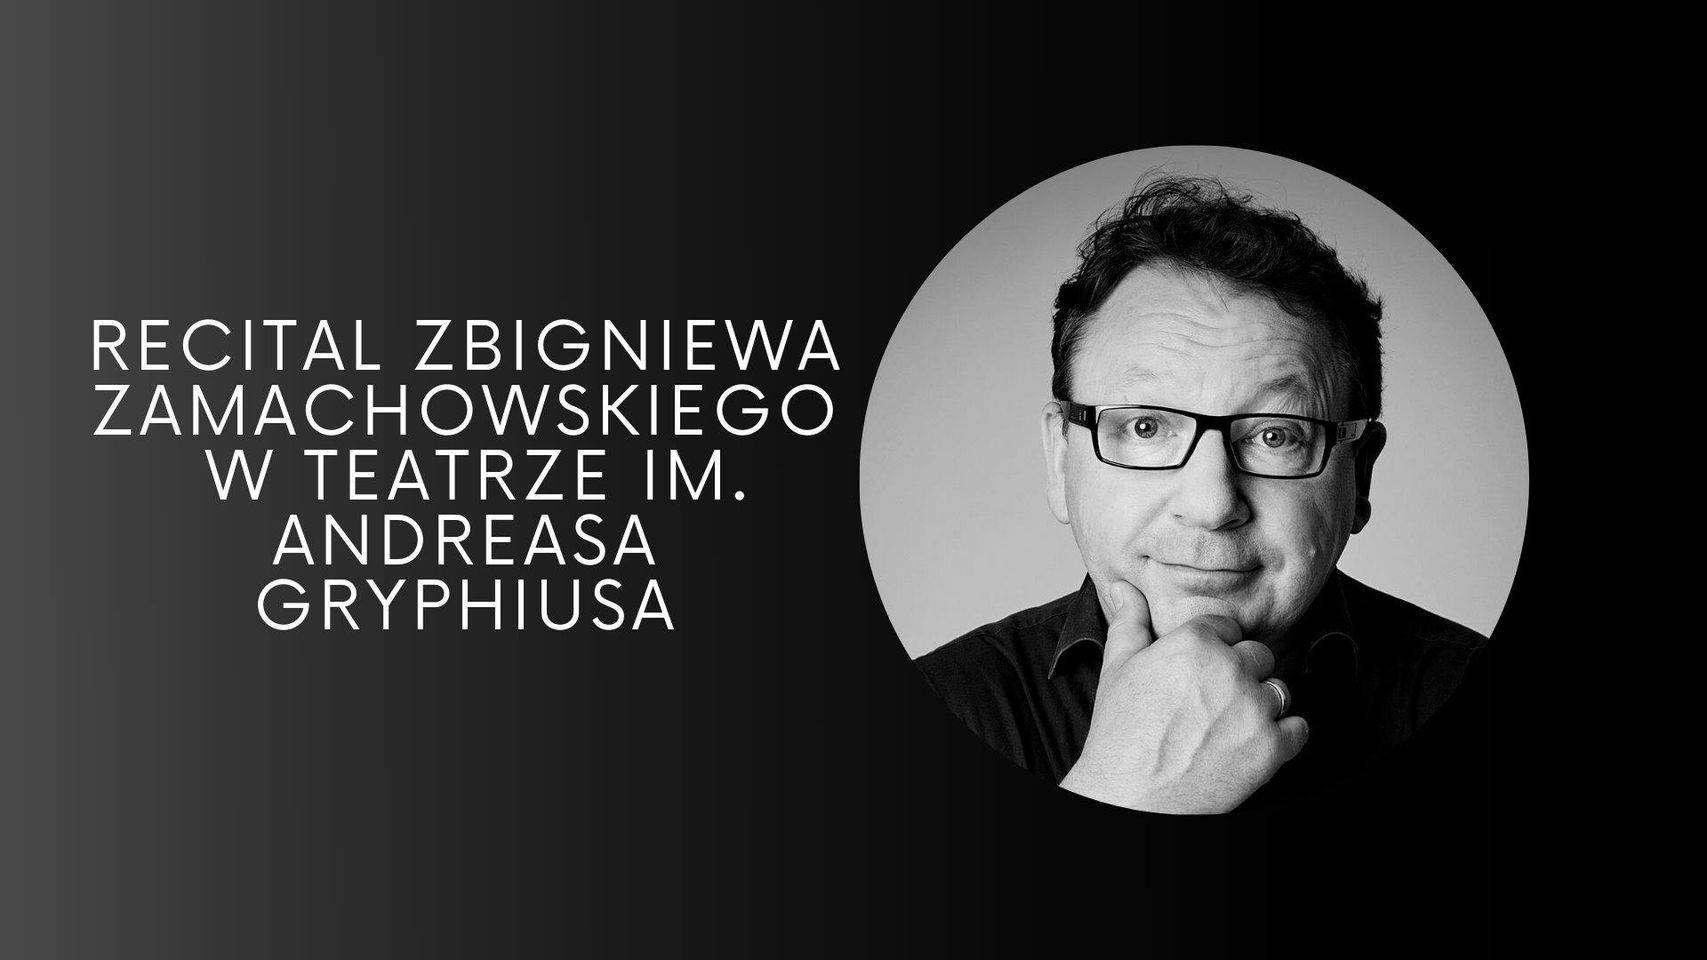 Recital-Zbigniewa-Zamachowskiego-plakat-17.02.2021